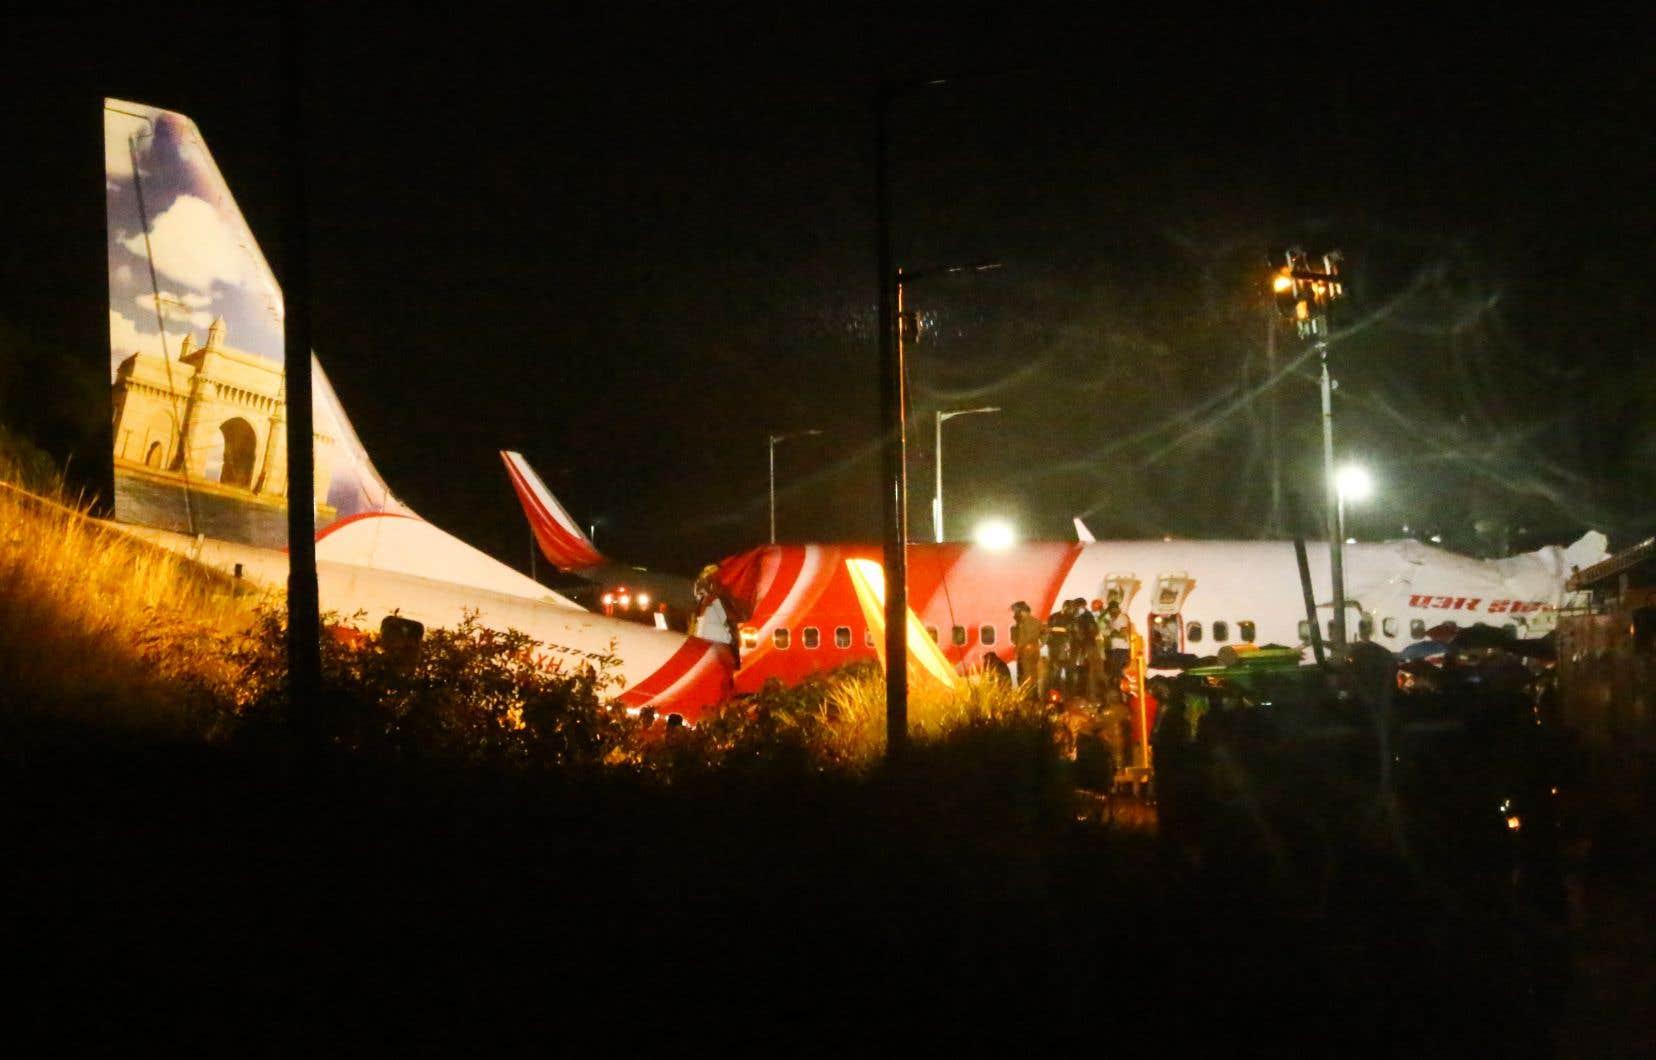 D'après l'agence de régulation de l'aéronautique DGCA, l'avion a dérapé au bout de la piste, «est tombé dans la vallée et s'est brisé en deux».